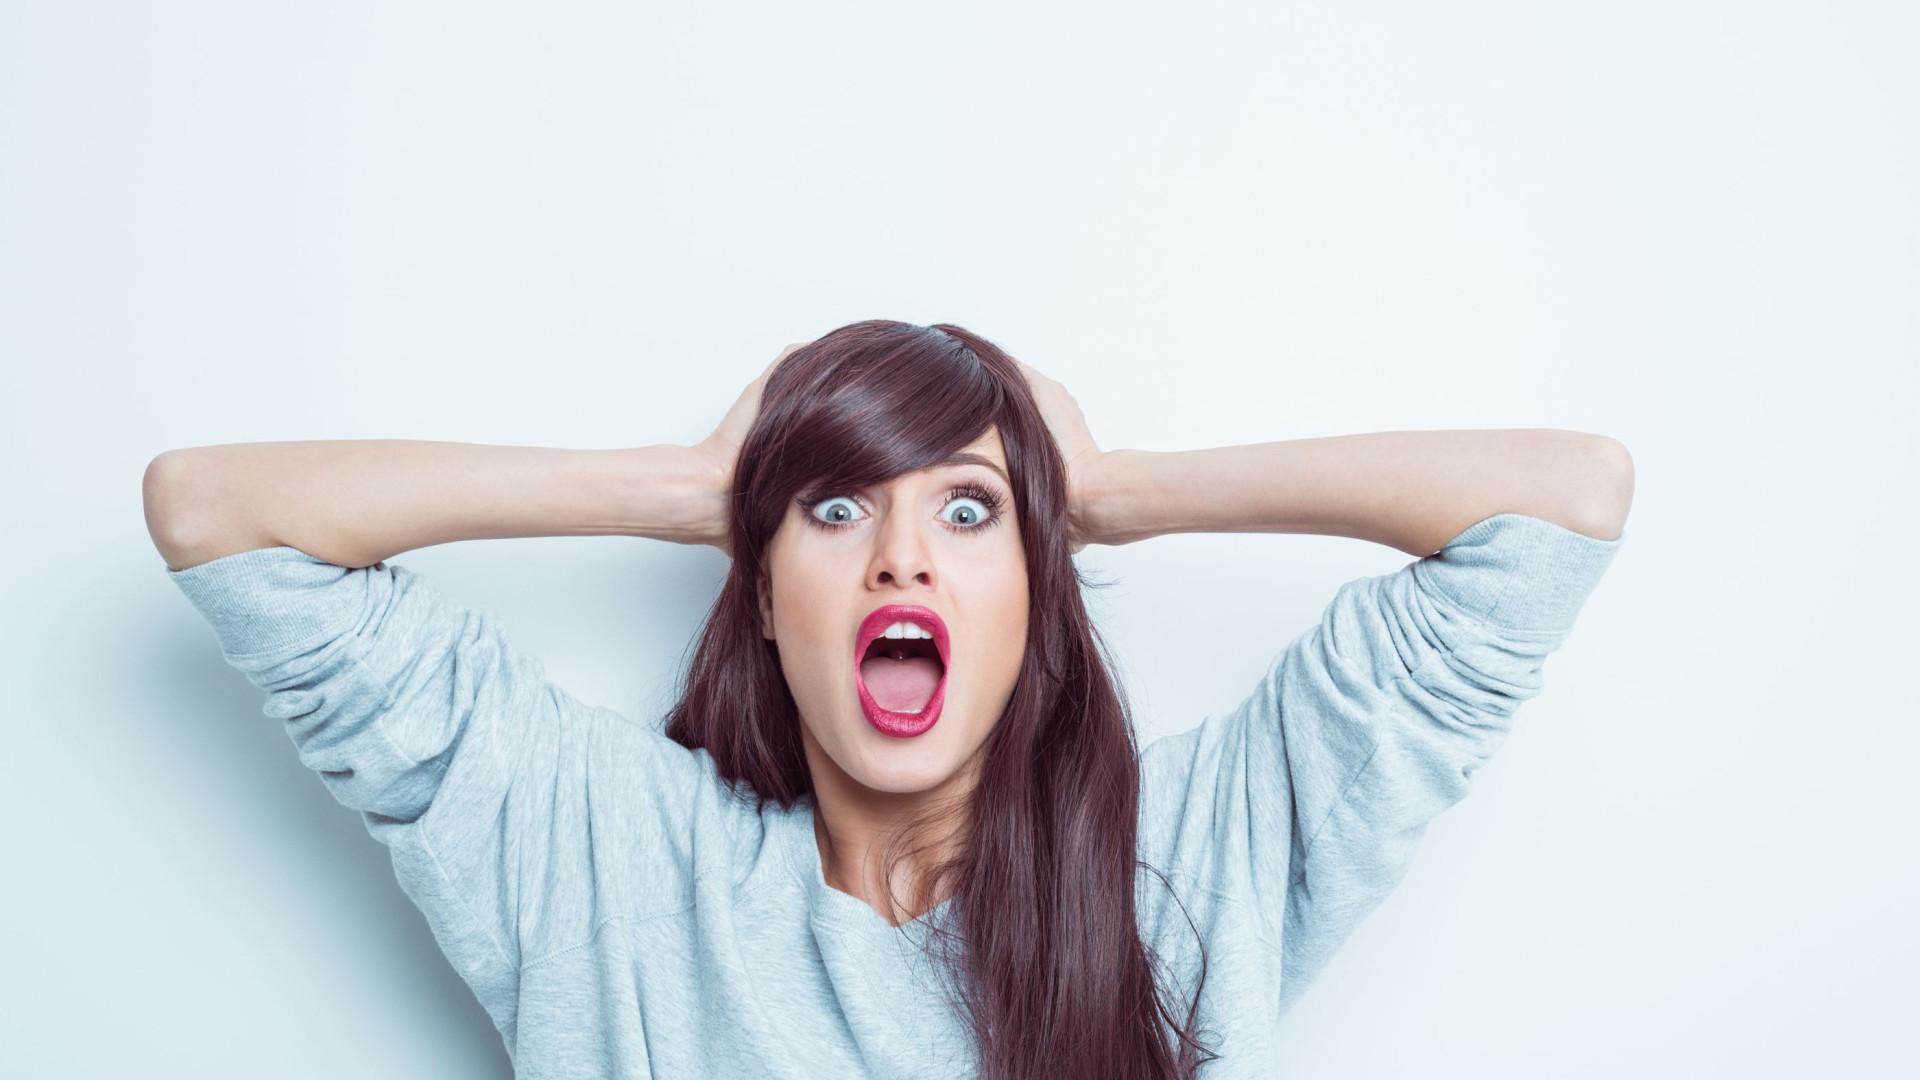 Até níveis de stress minímos fazem isto ao seu corpo (não é bonito...)